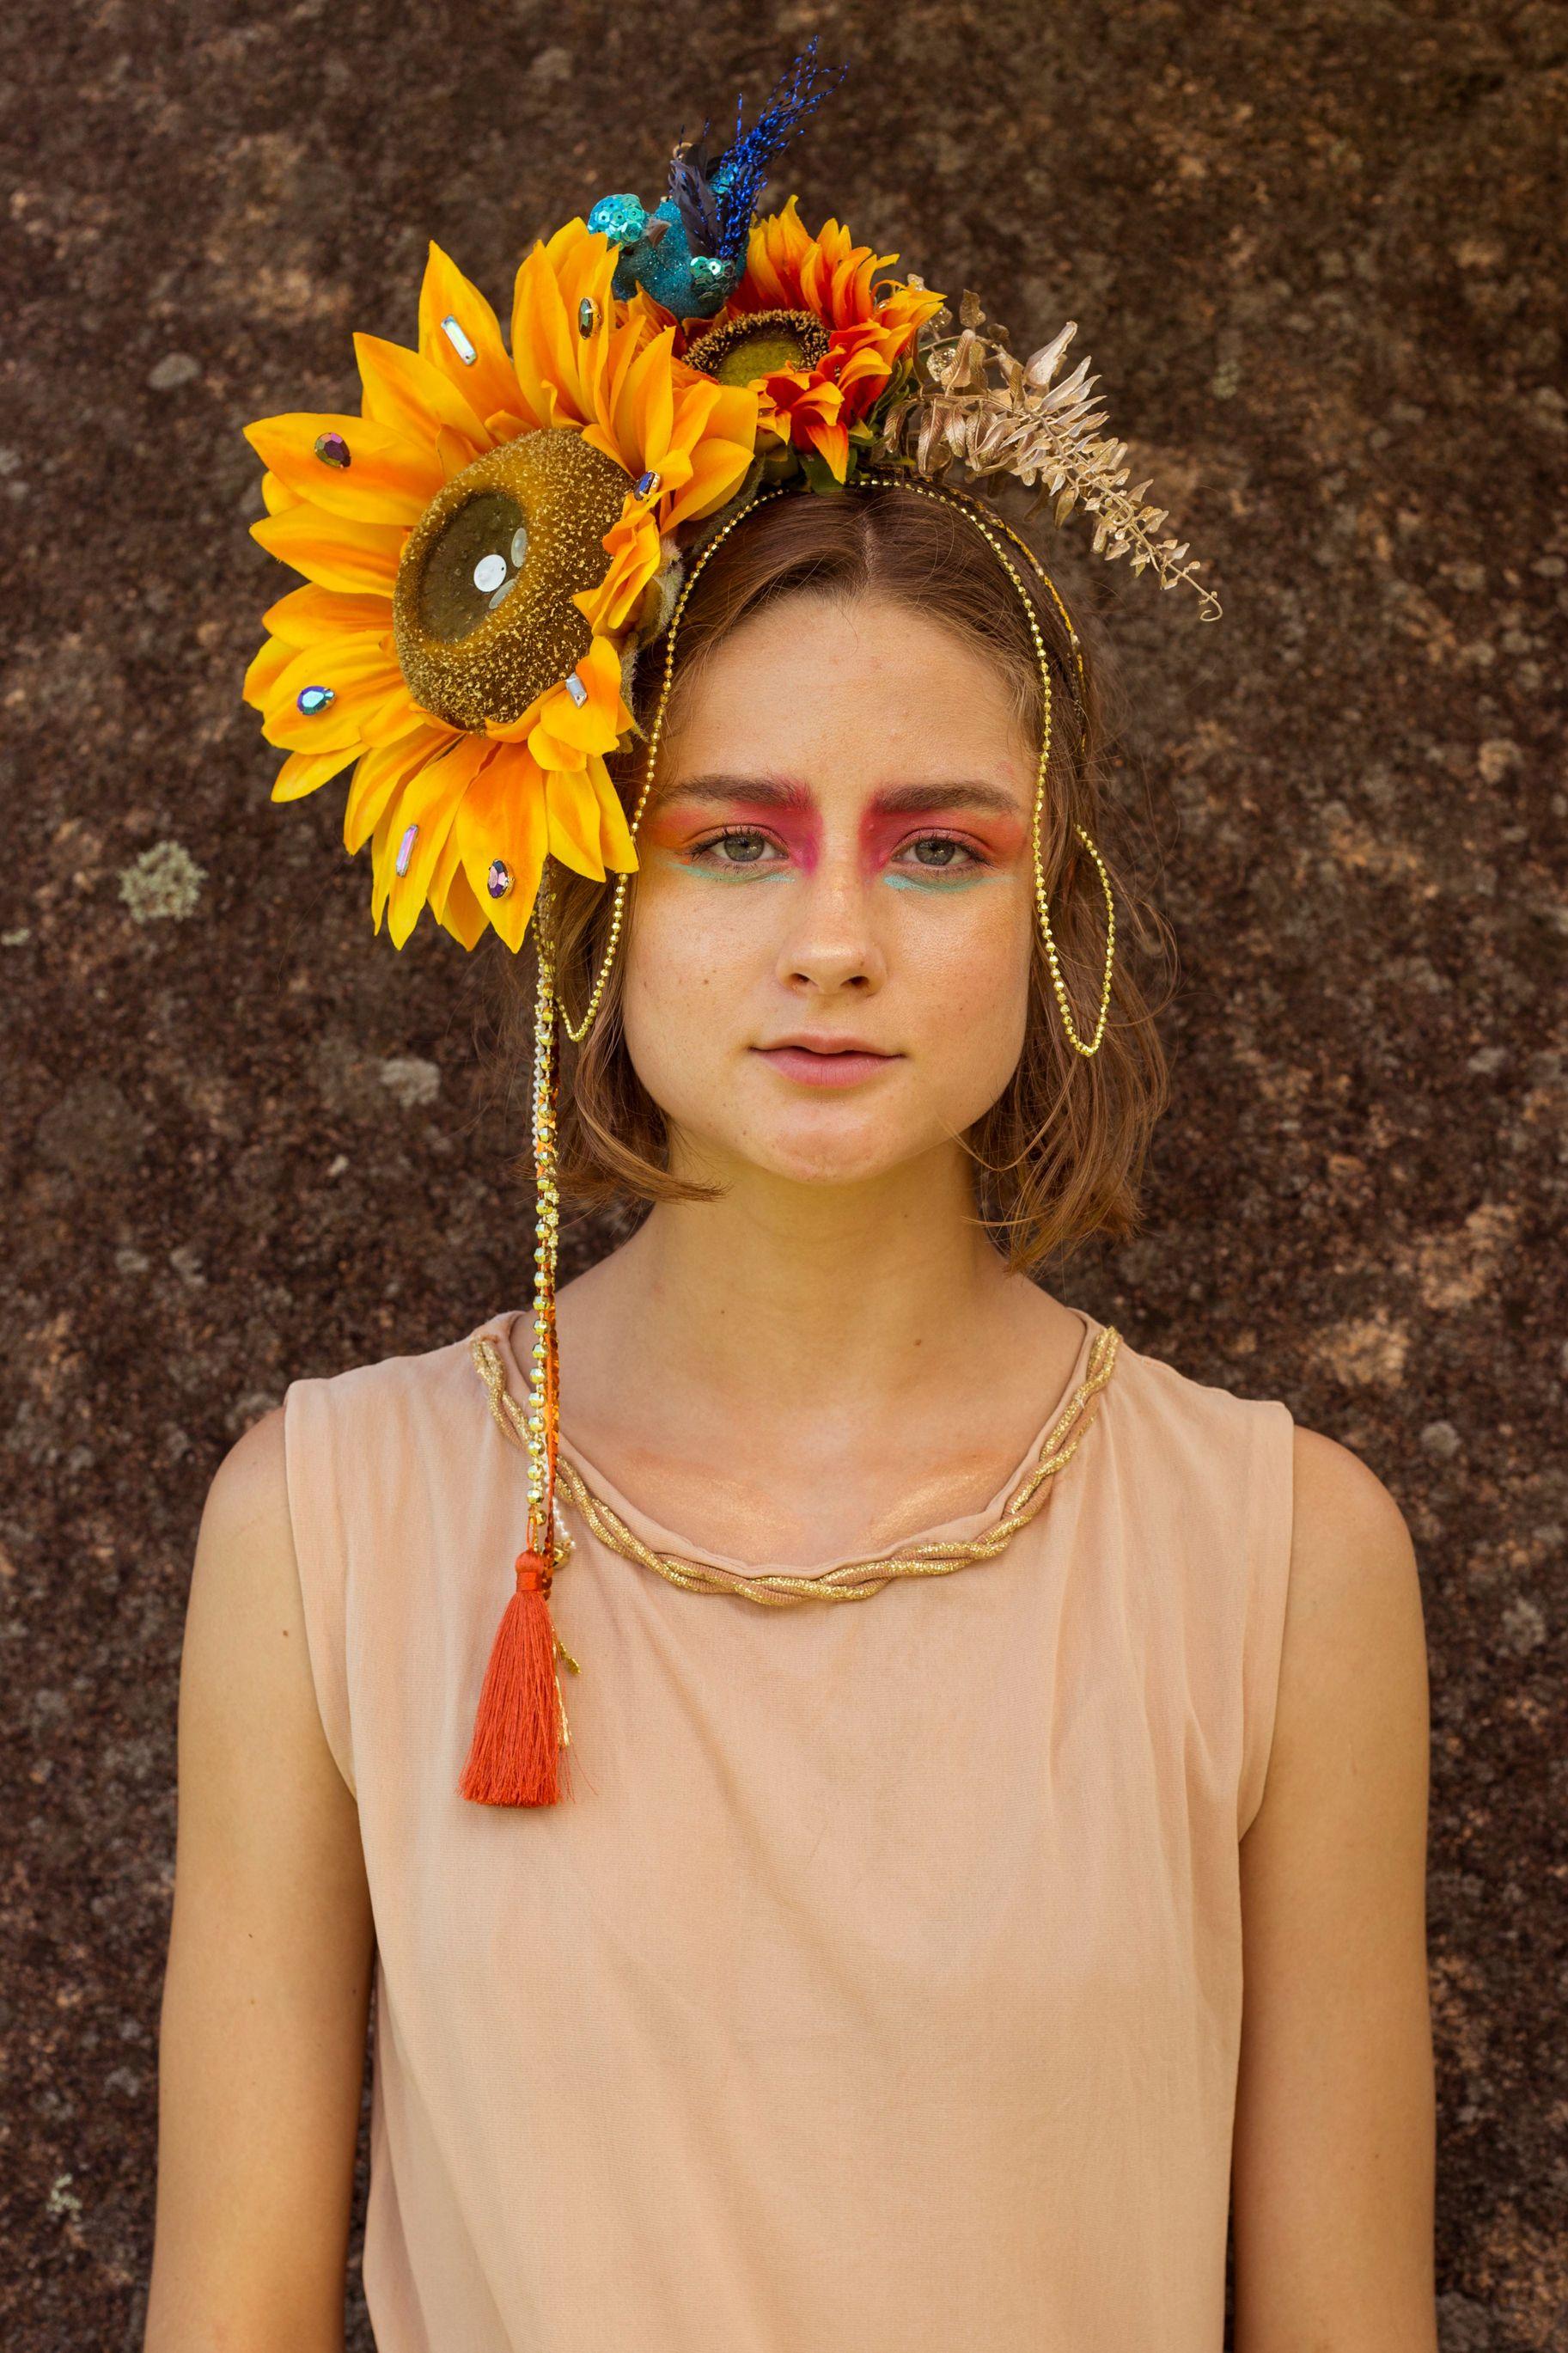 (Só se basear no cordão dourado na cabeça que é fácil e encontrar no centro  em loja de carnaval e fantasia ) 9fc18c5c02e